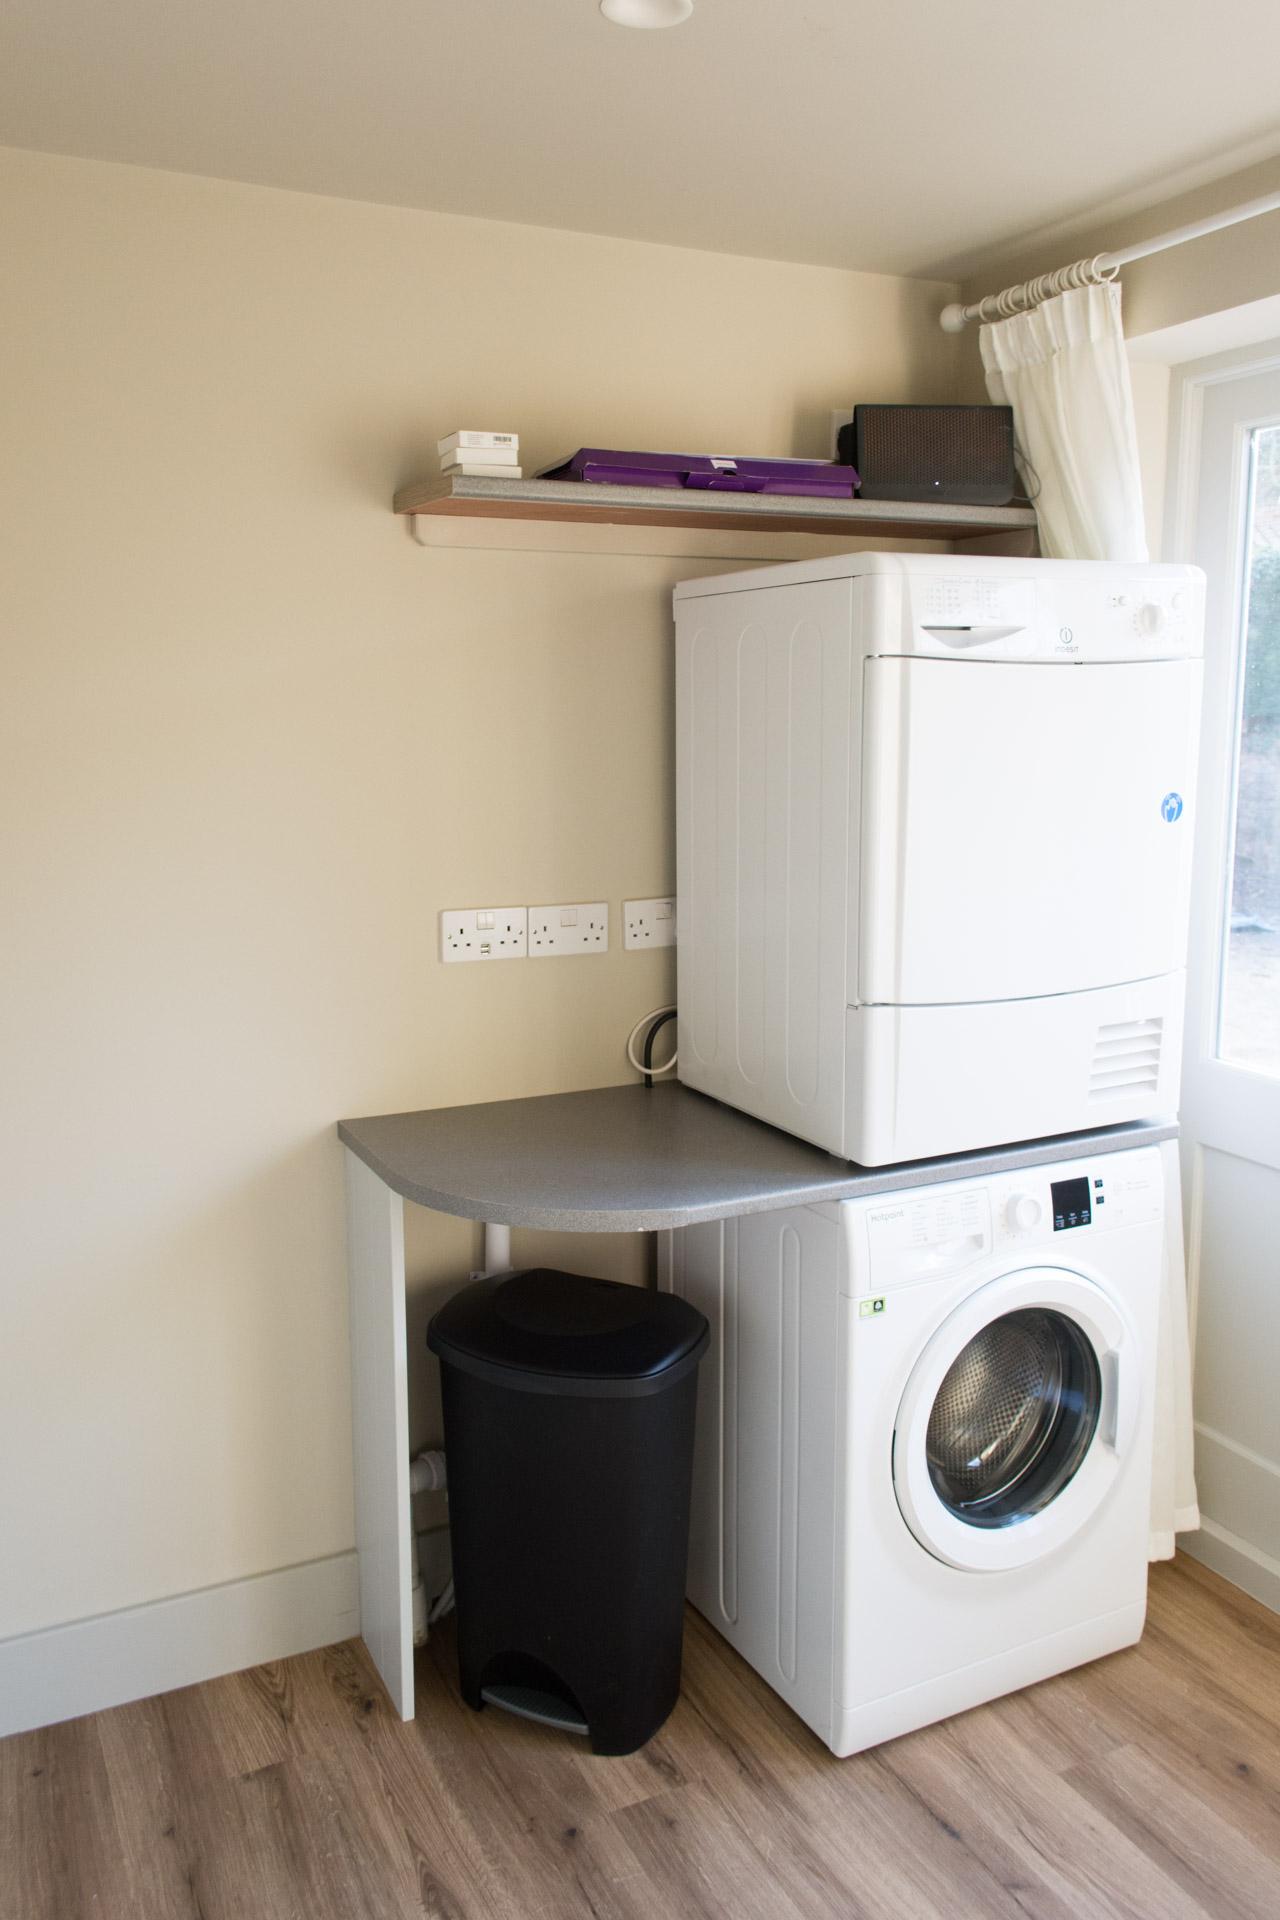 Washing machine and white goods.